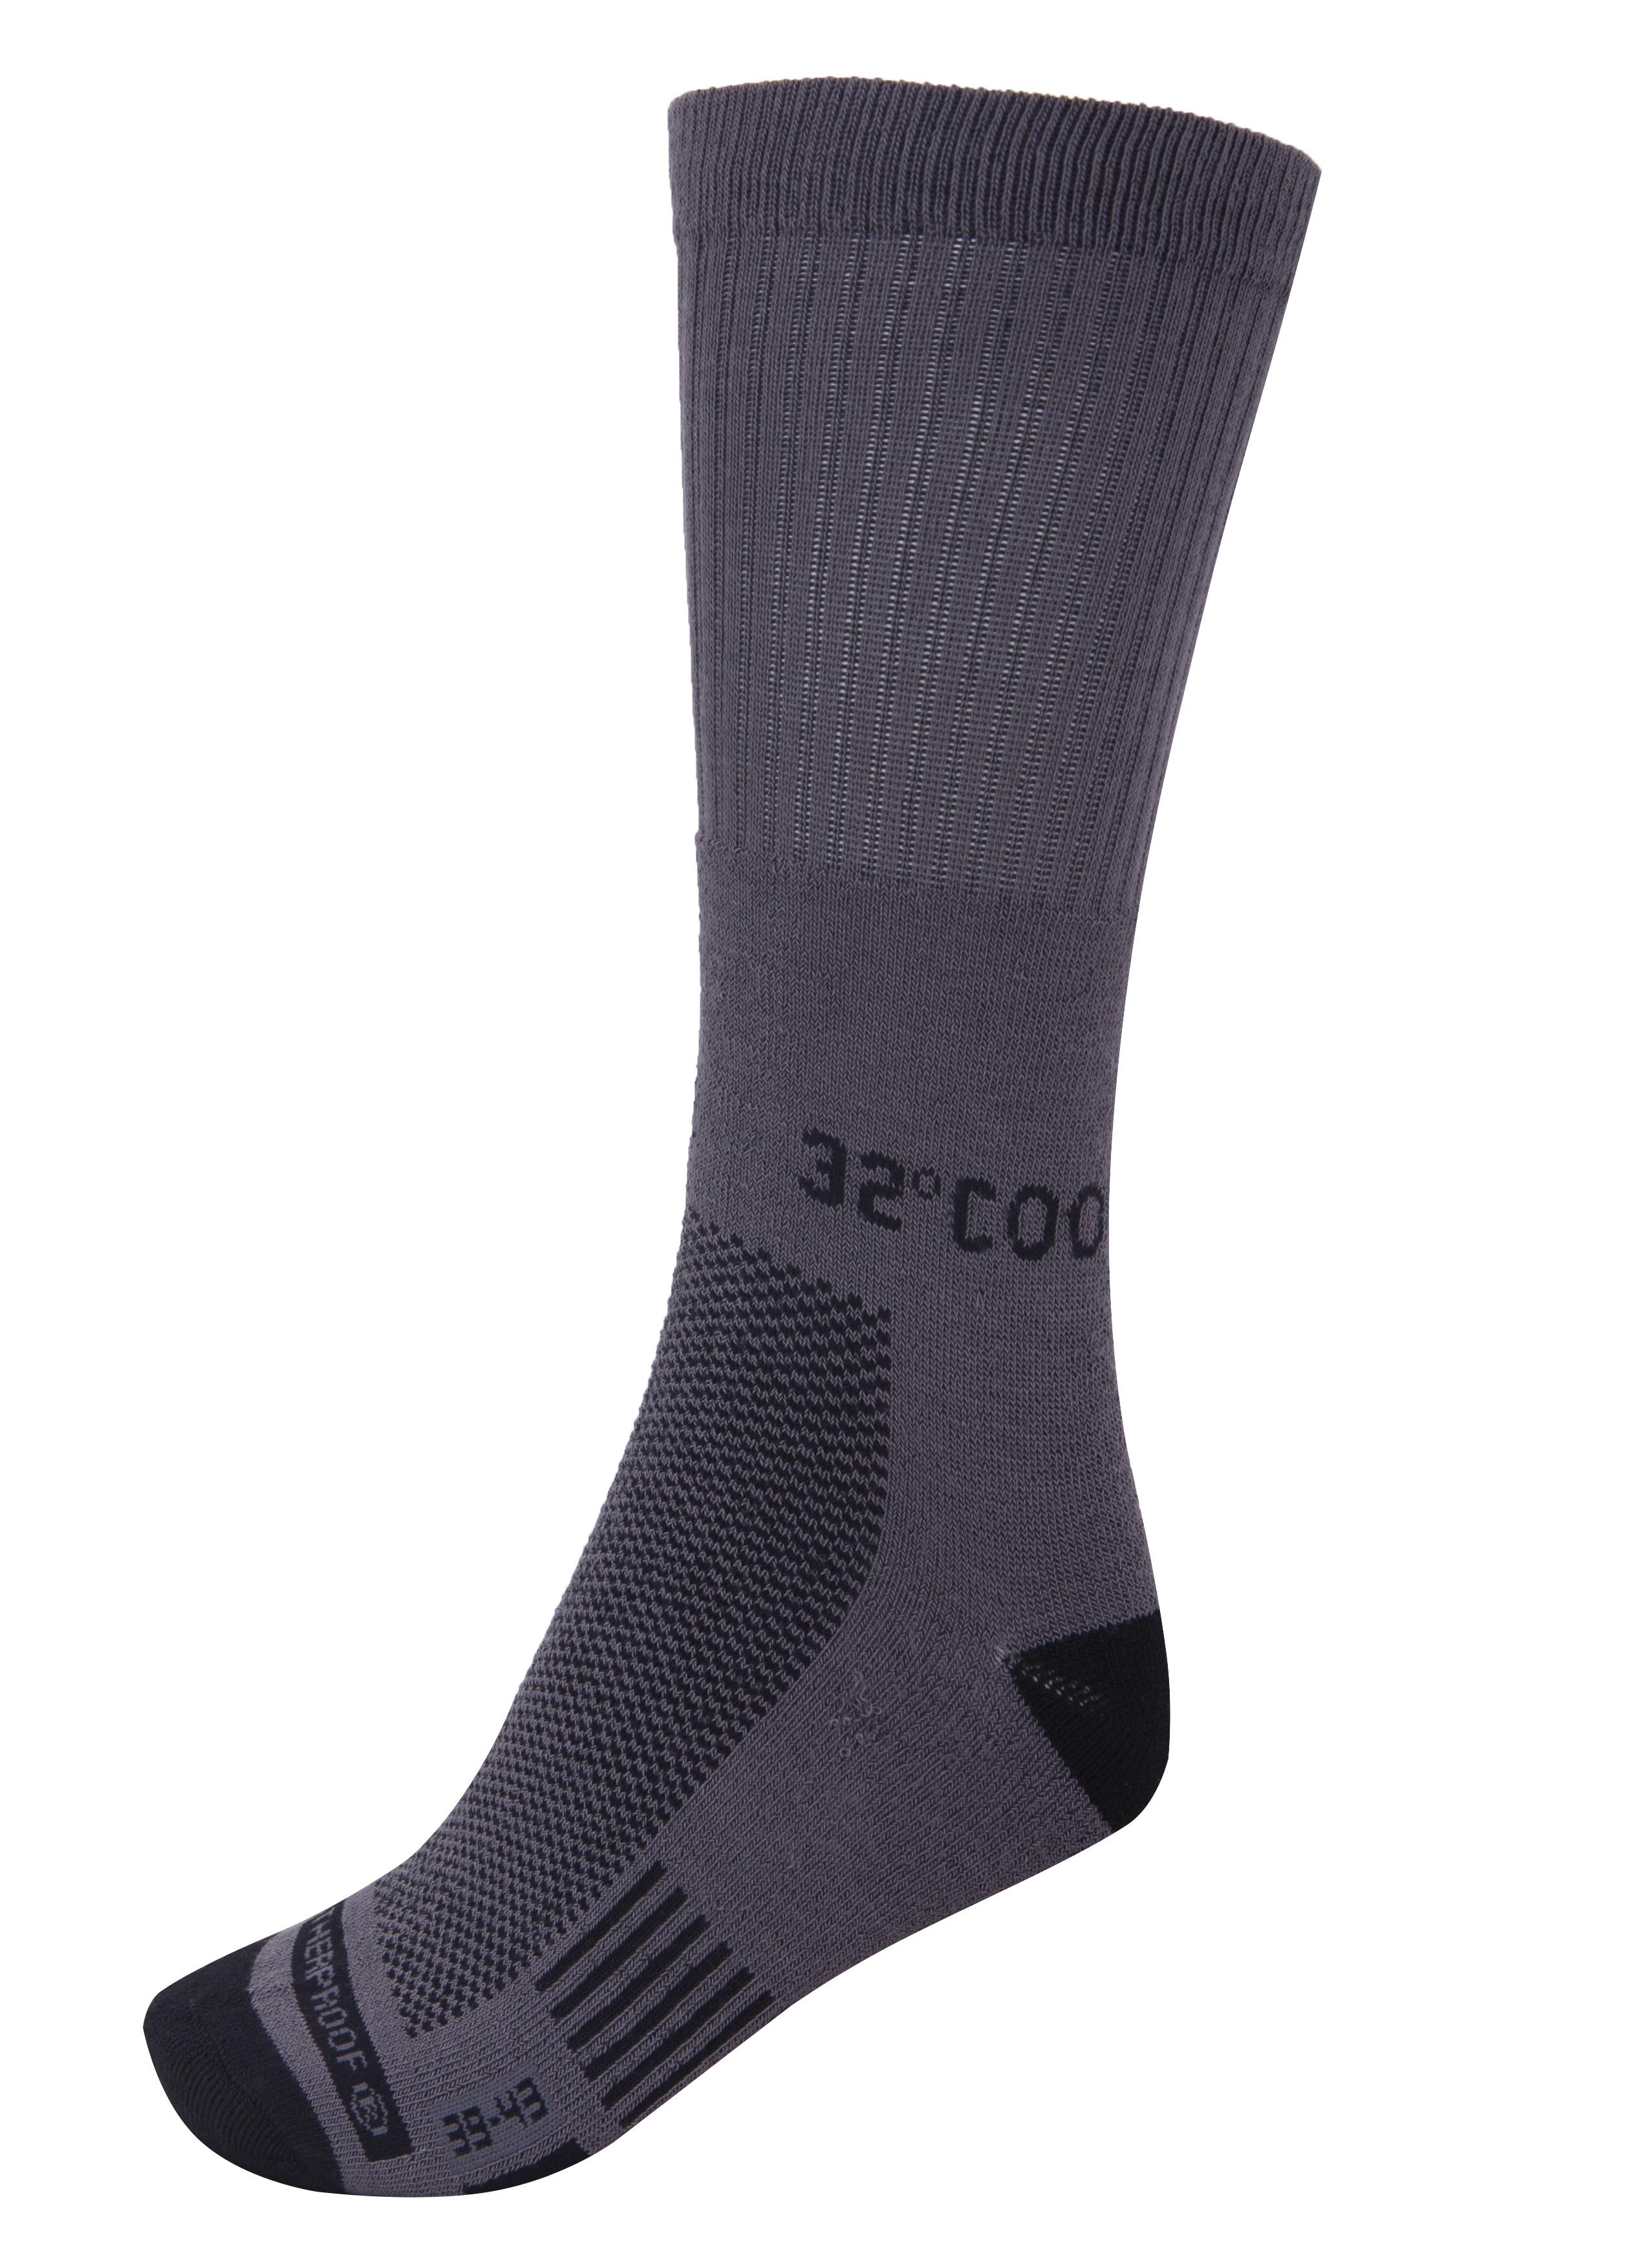 ביגוד COOL32 לגברים COOL32 Antibacterial Socks 3 IN PAC - אפור